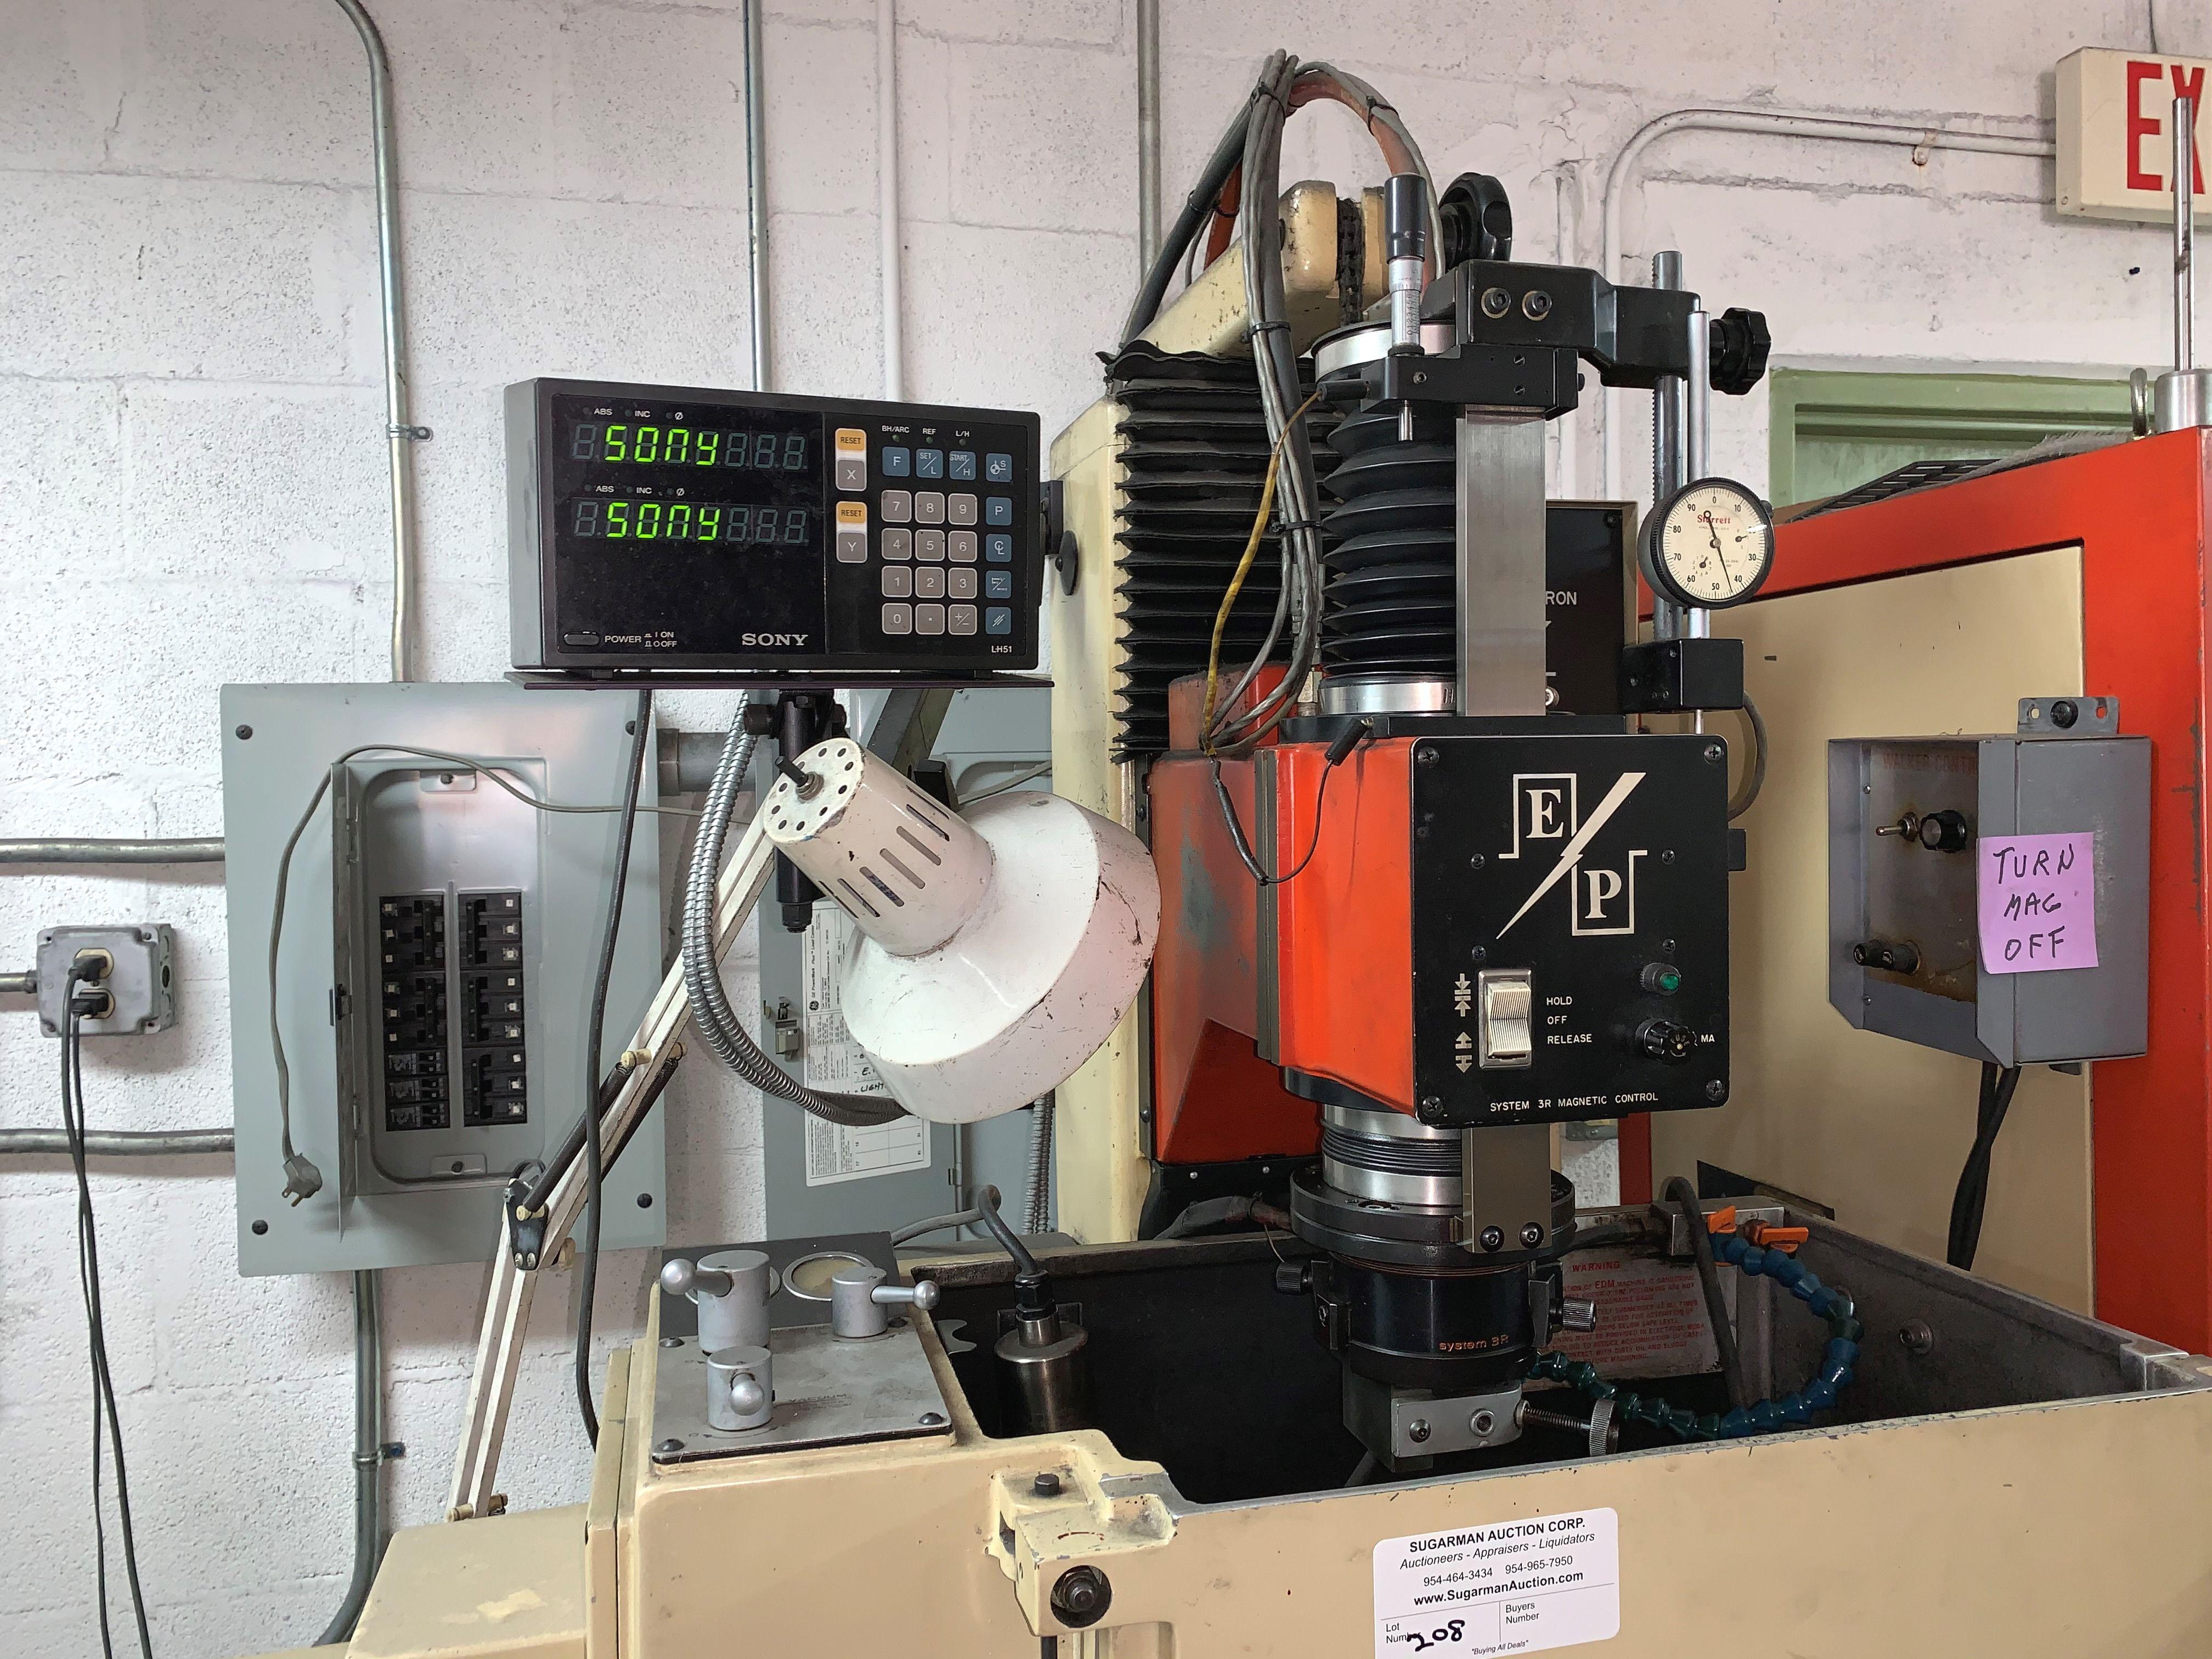 Eltee Pulsitron EDM Machine, Serial # 1515, Vacuum & Extra Filters - Image 2 of 2